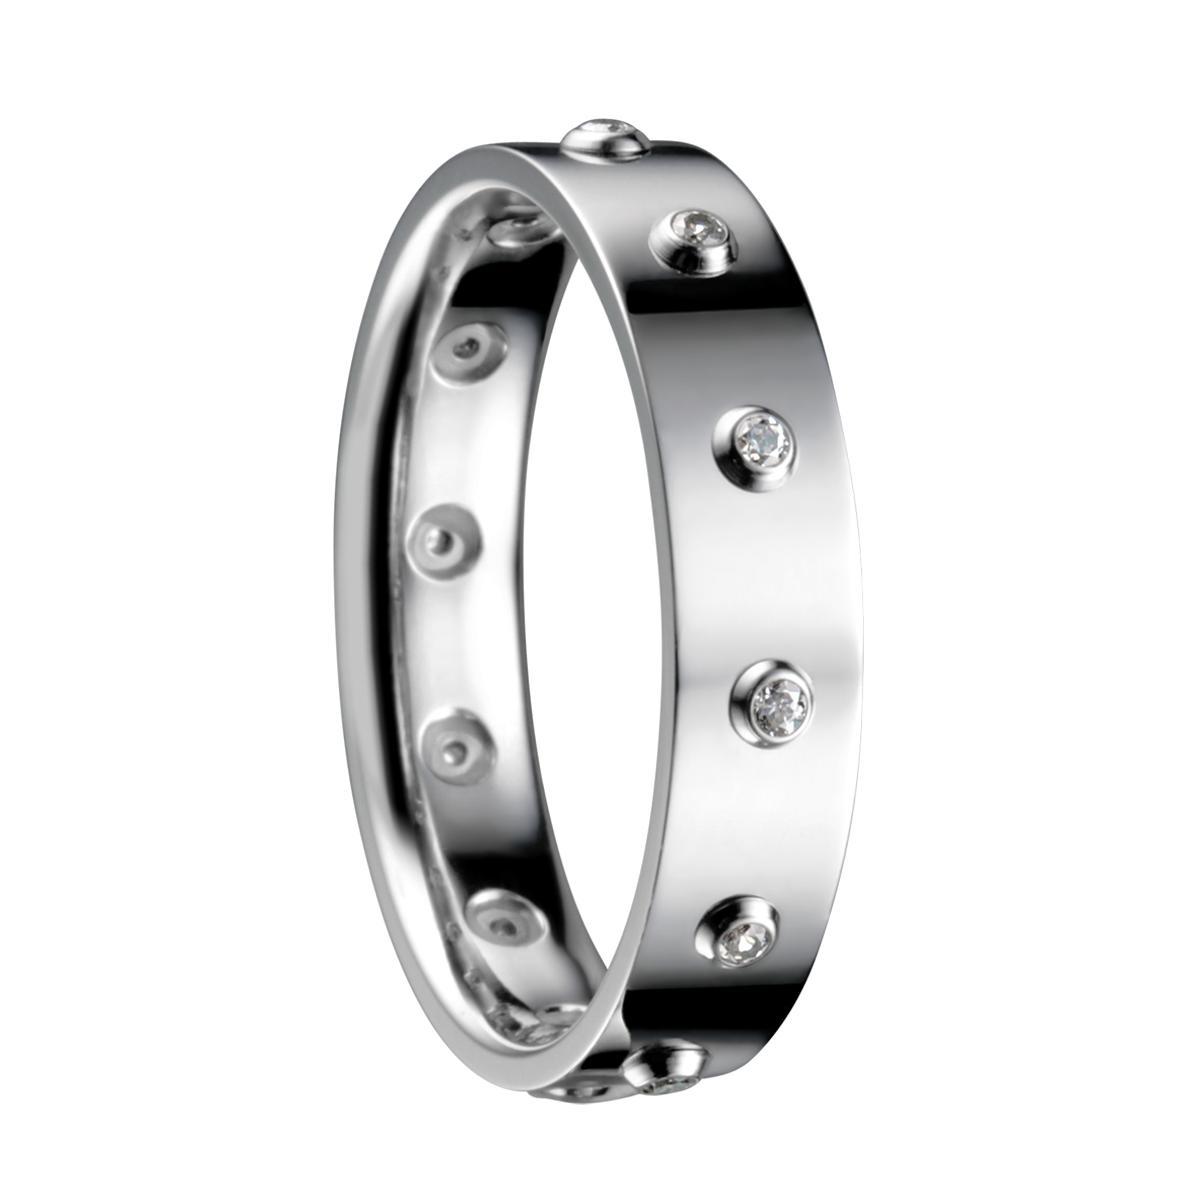 Bering Inner Ring 5551762 1